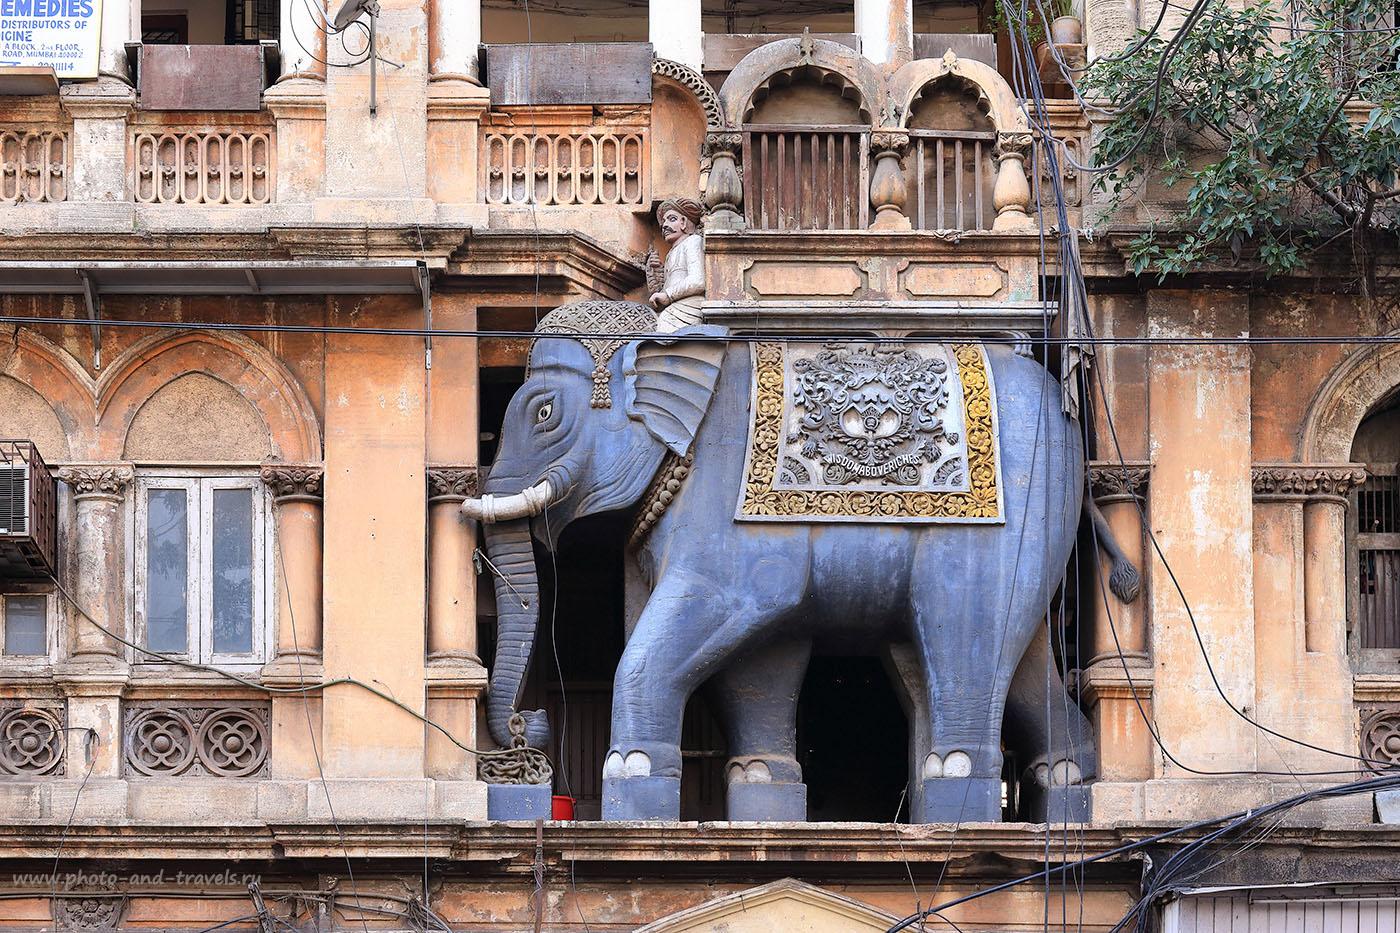 Фото 6. Слон. Что посмотреть на Гоа? Нечего там смотреть, поезжайте на поезде в Мумбаи. Отзывы об отдыхе в Индии самостоятельно. 1/80, 8.0, 640, 70.